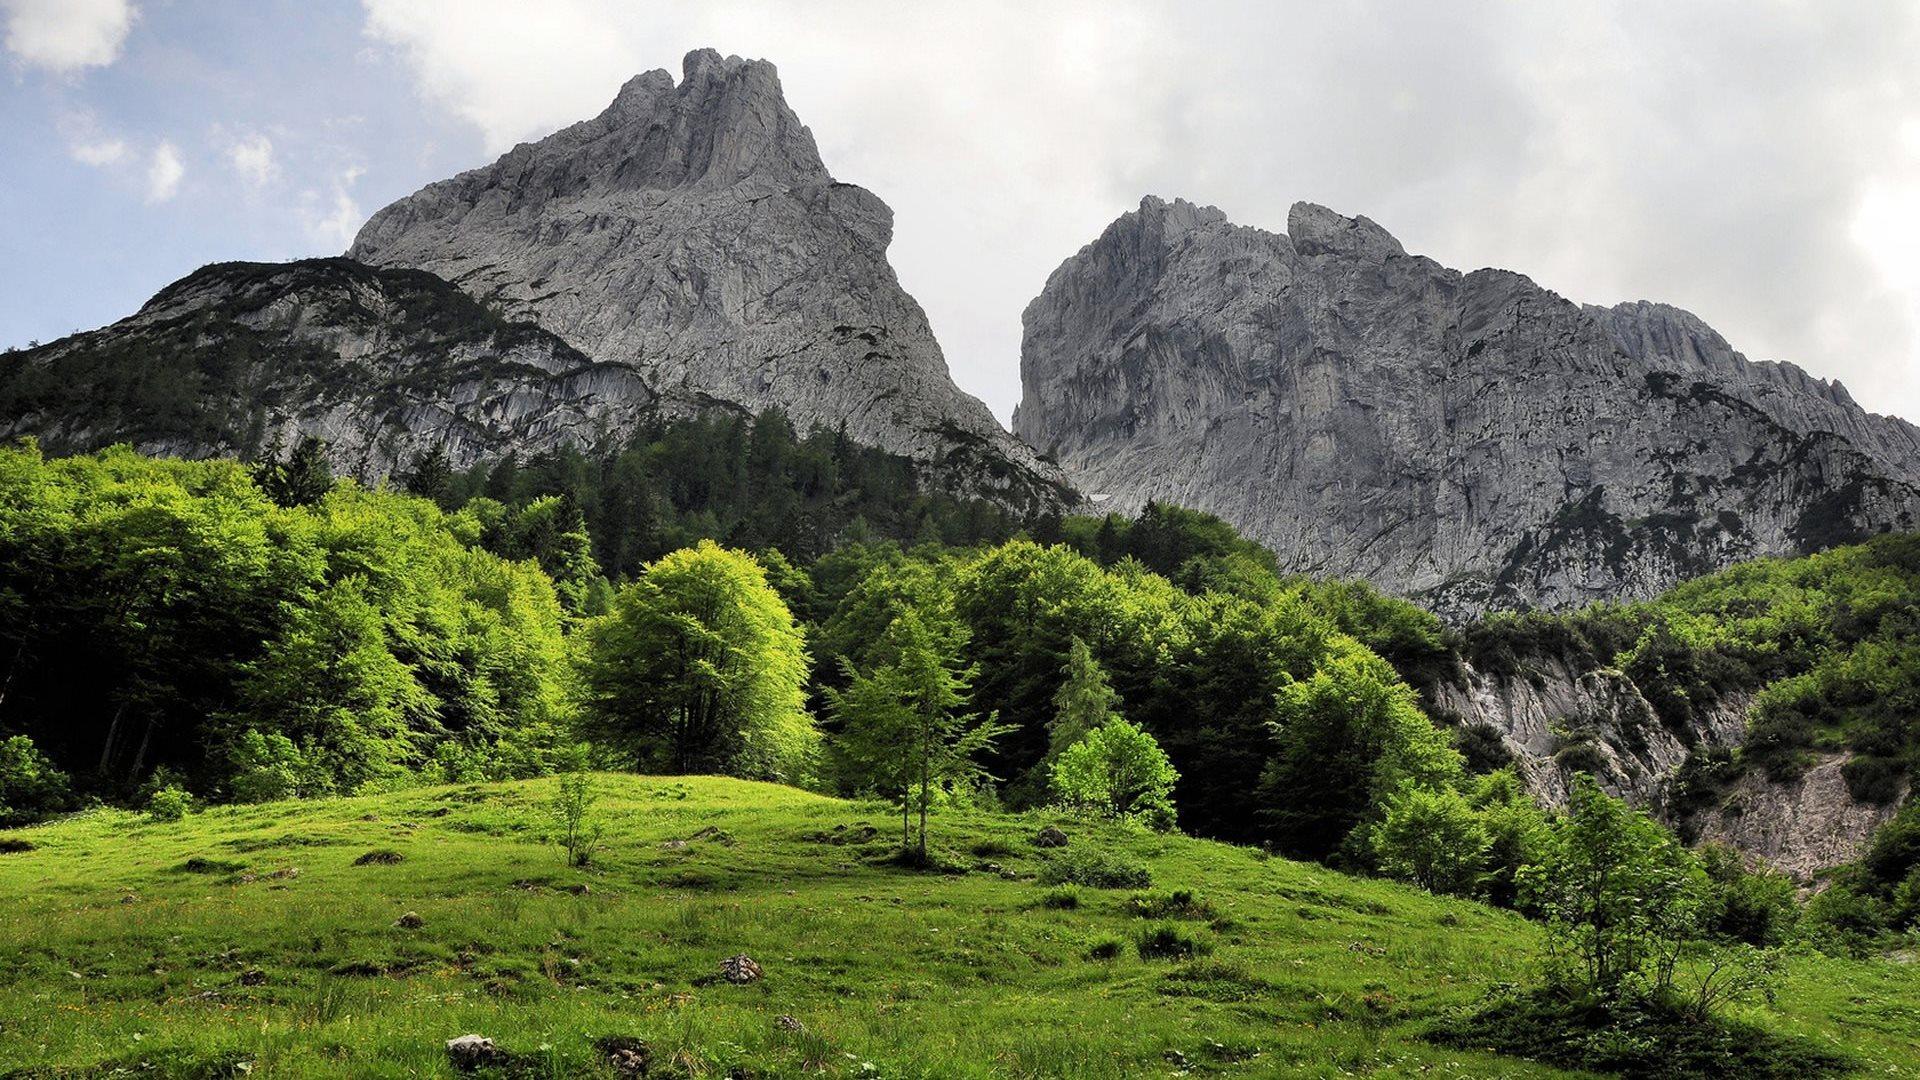 20323 скачать обои Пейзаж, Деревья, Горы - заставки и картинки бесплатно